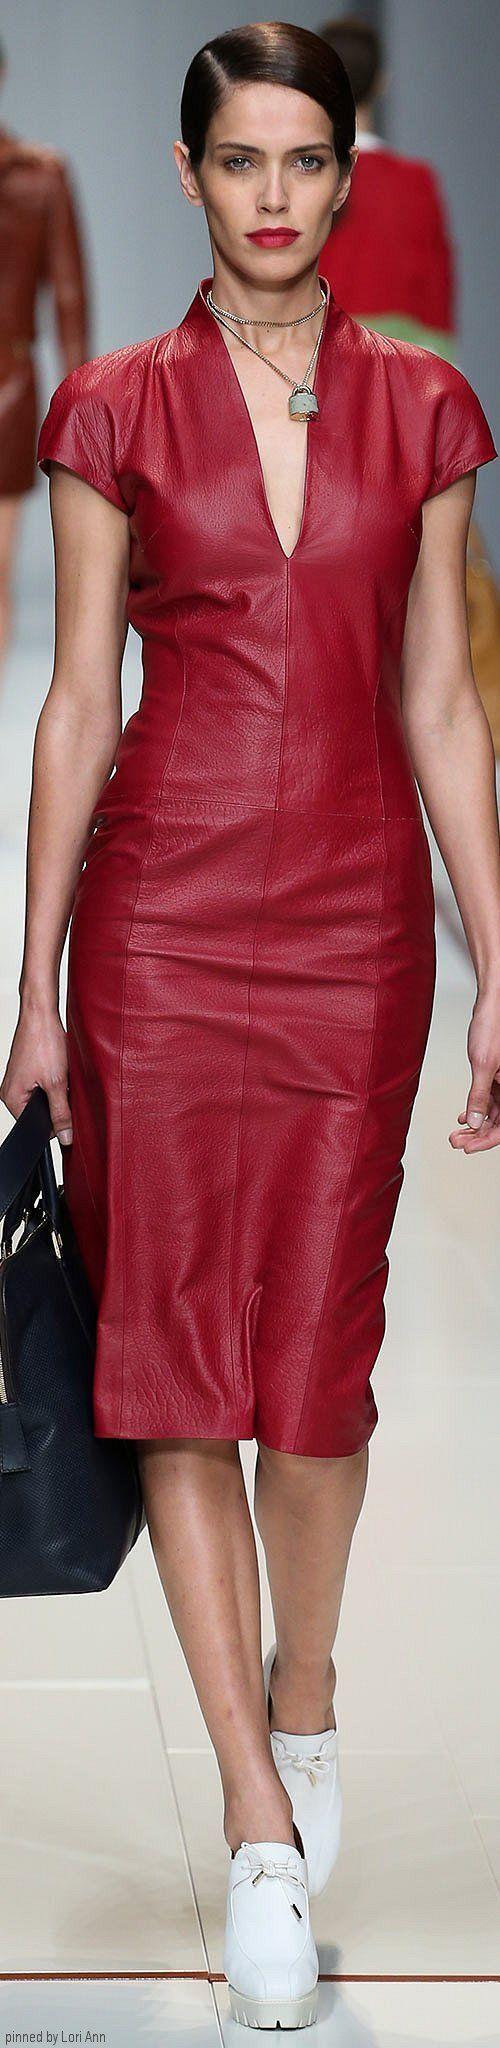 trussardi spring 2015 rtw leather amp leatherlike